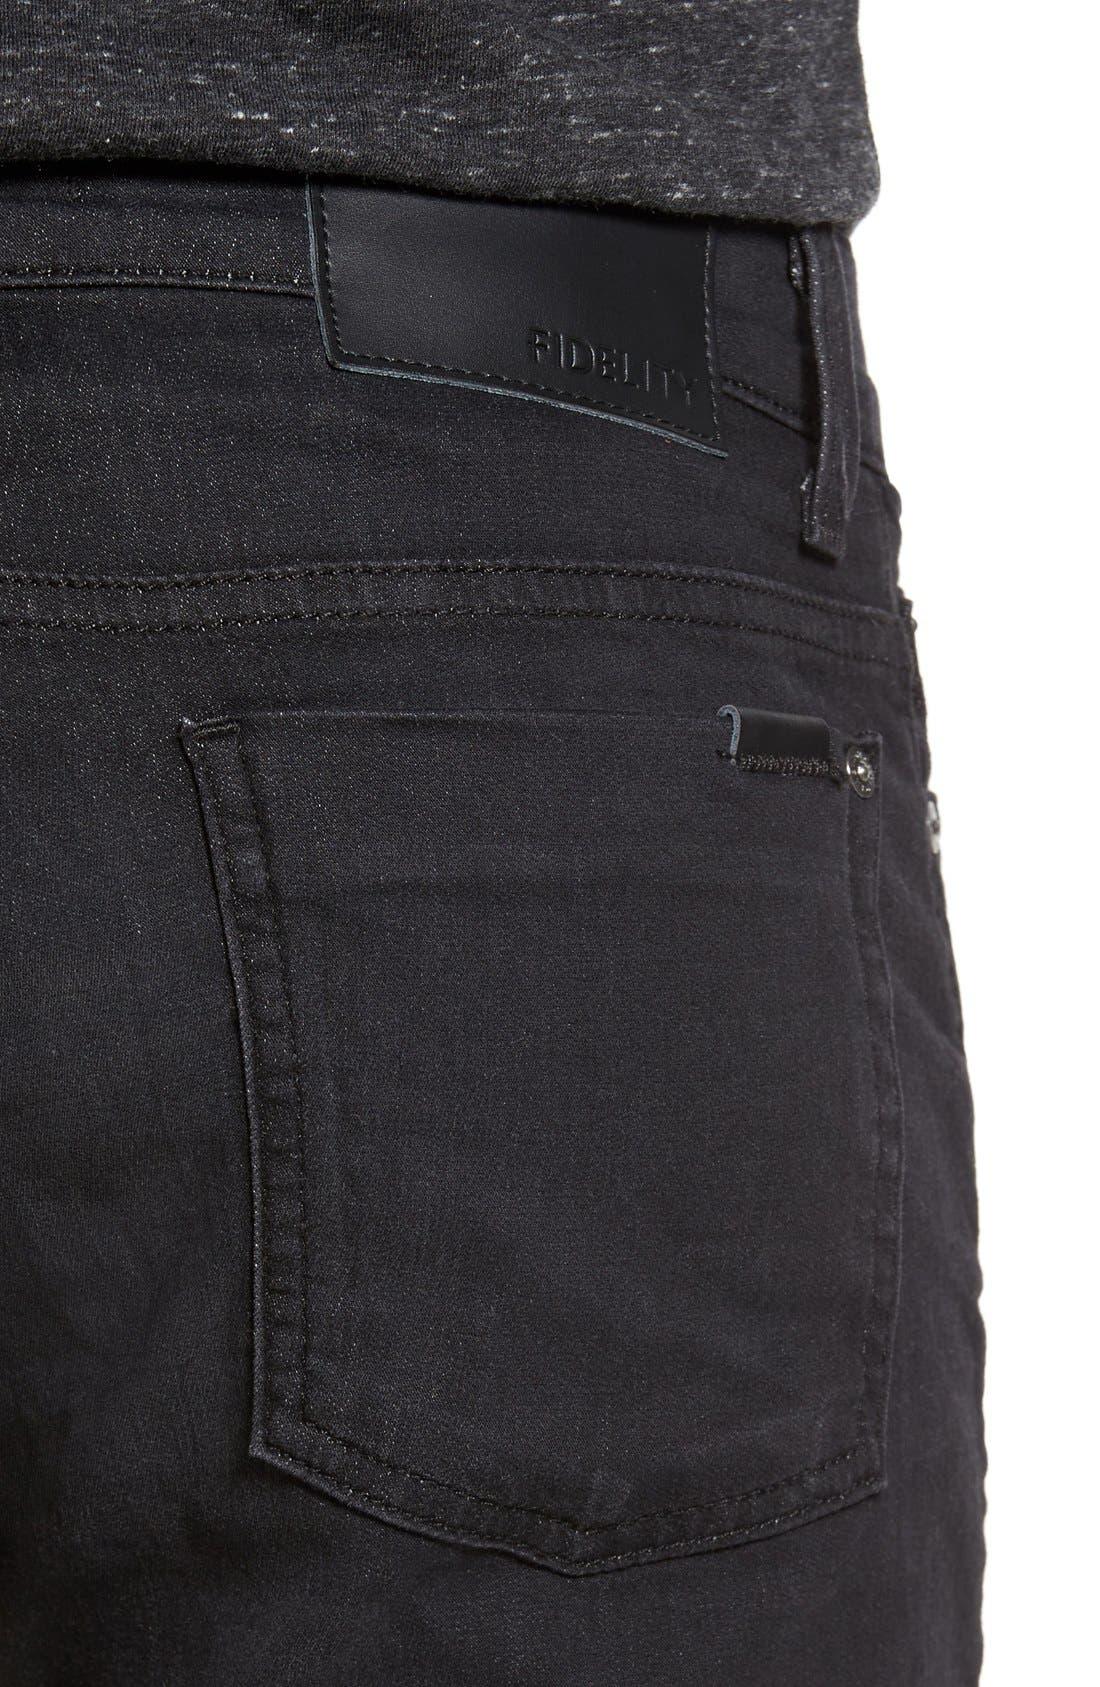 Torino Slim Fit Jeans,                             Alternate thumbnail 4, color,                             Raven Black